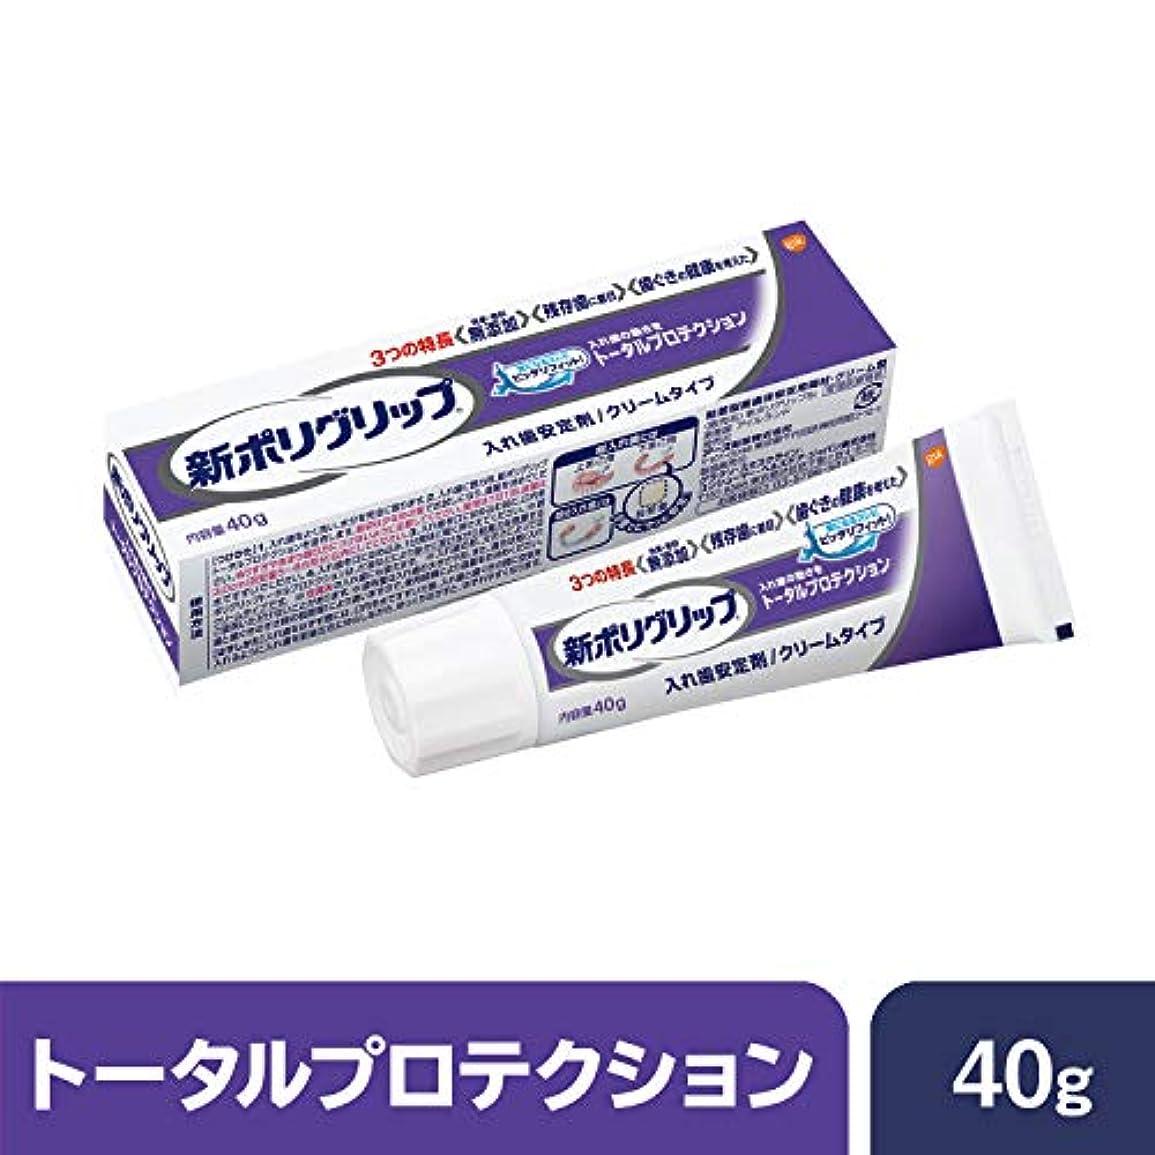 ラッチノート胆嚢部分?総入れ歯安定剤 新ポリグリップ トータルプロテクション (残存歯に着目) 40g